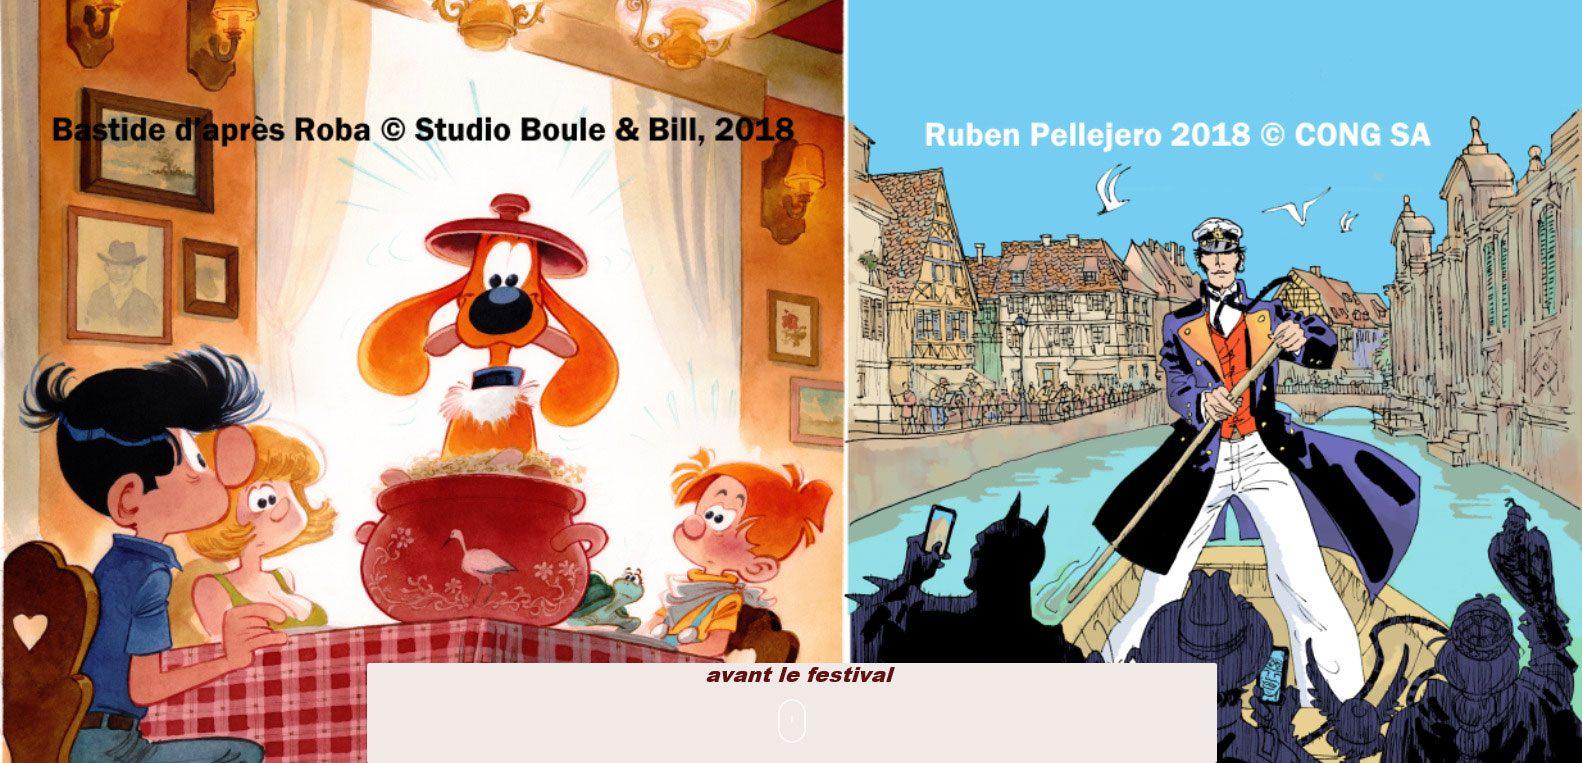 L'esprit BD, client qui à fait confiance à l'agence Karedess, agence web depuis 2006 à Mulhouse